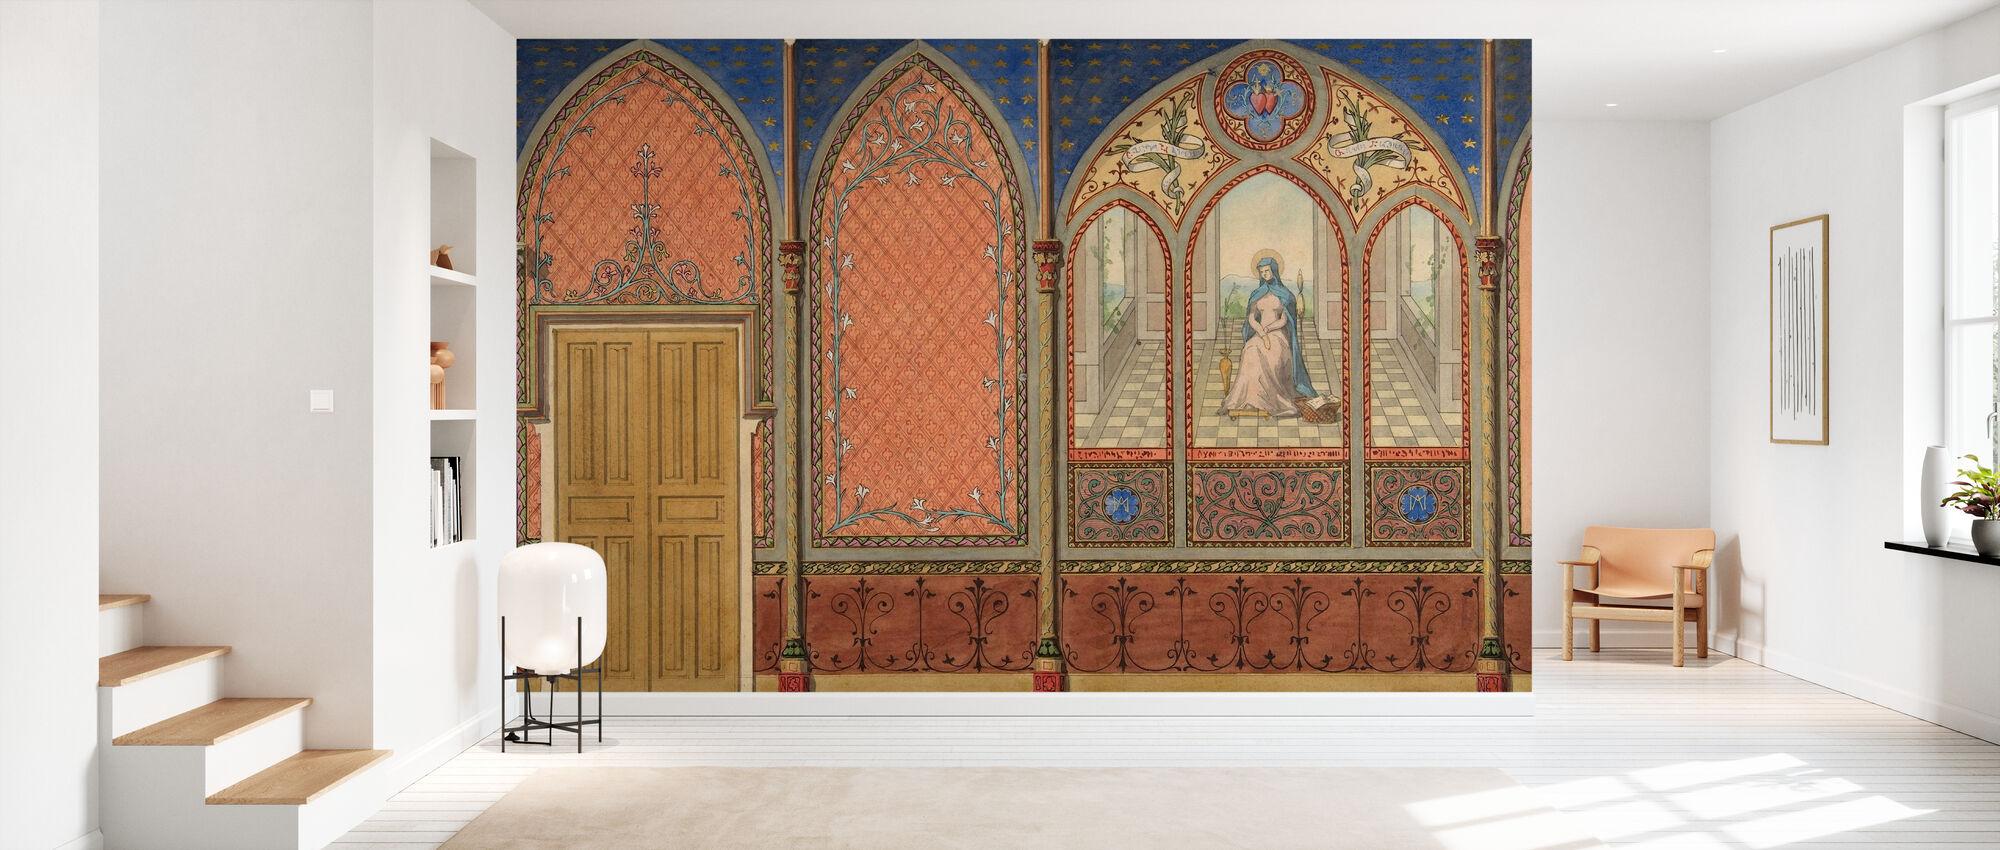 Élévation d'une église - Jules Edmond Charles Lachaise - Papier peint - Entrée